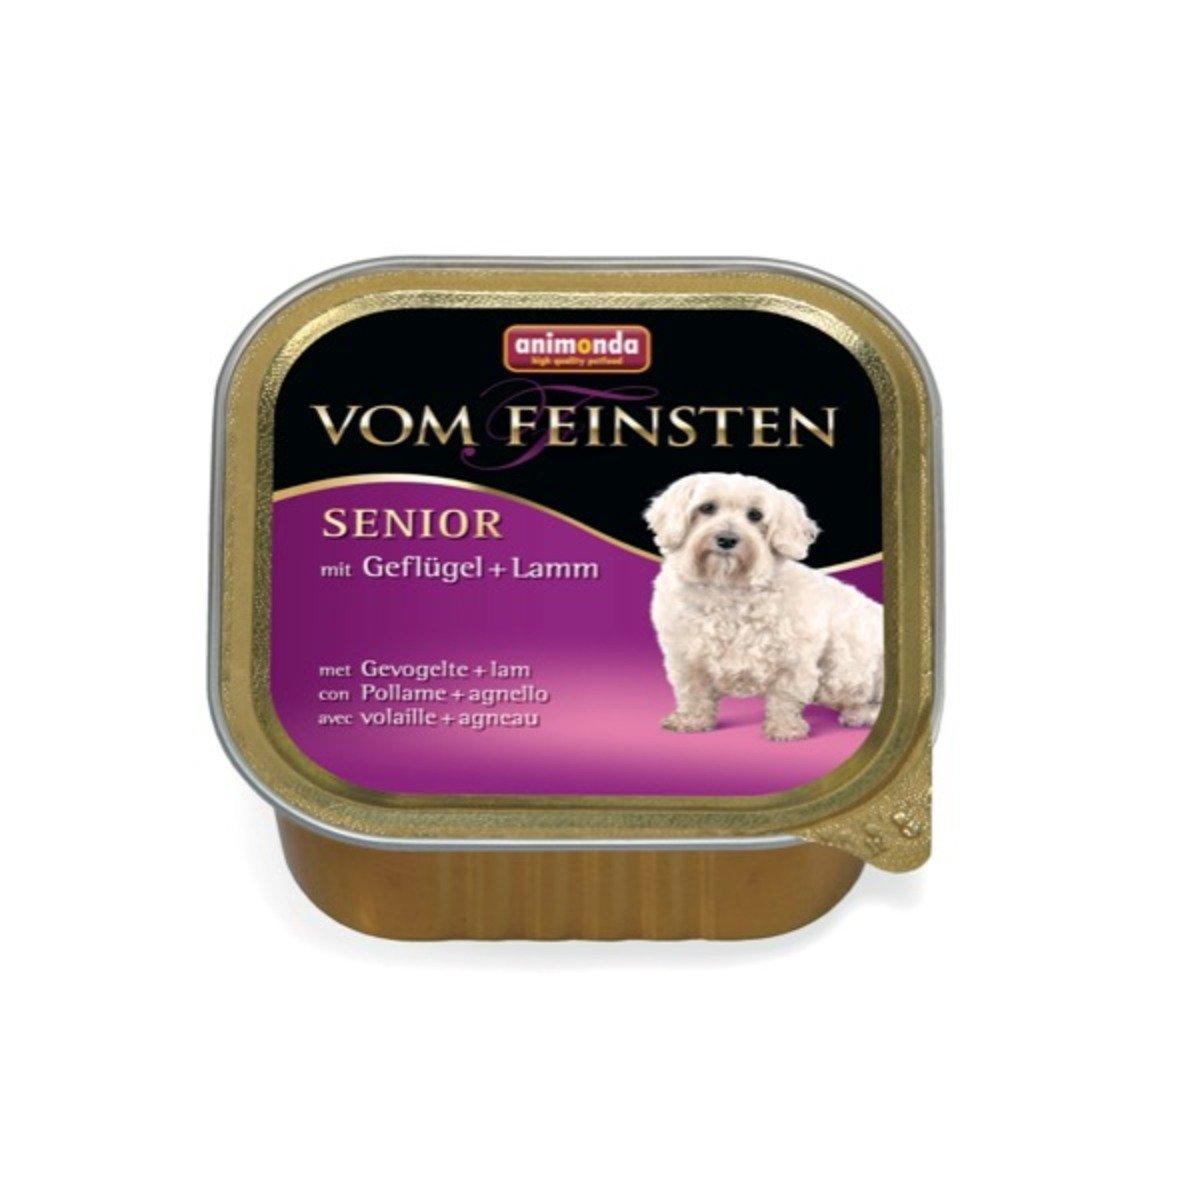 德國 高齡犬配方 (雞肉+羊肉) 150g